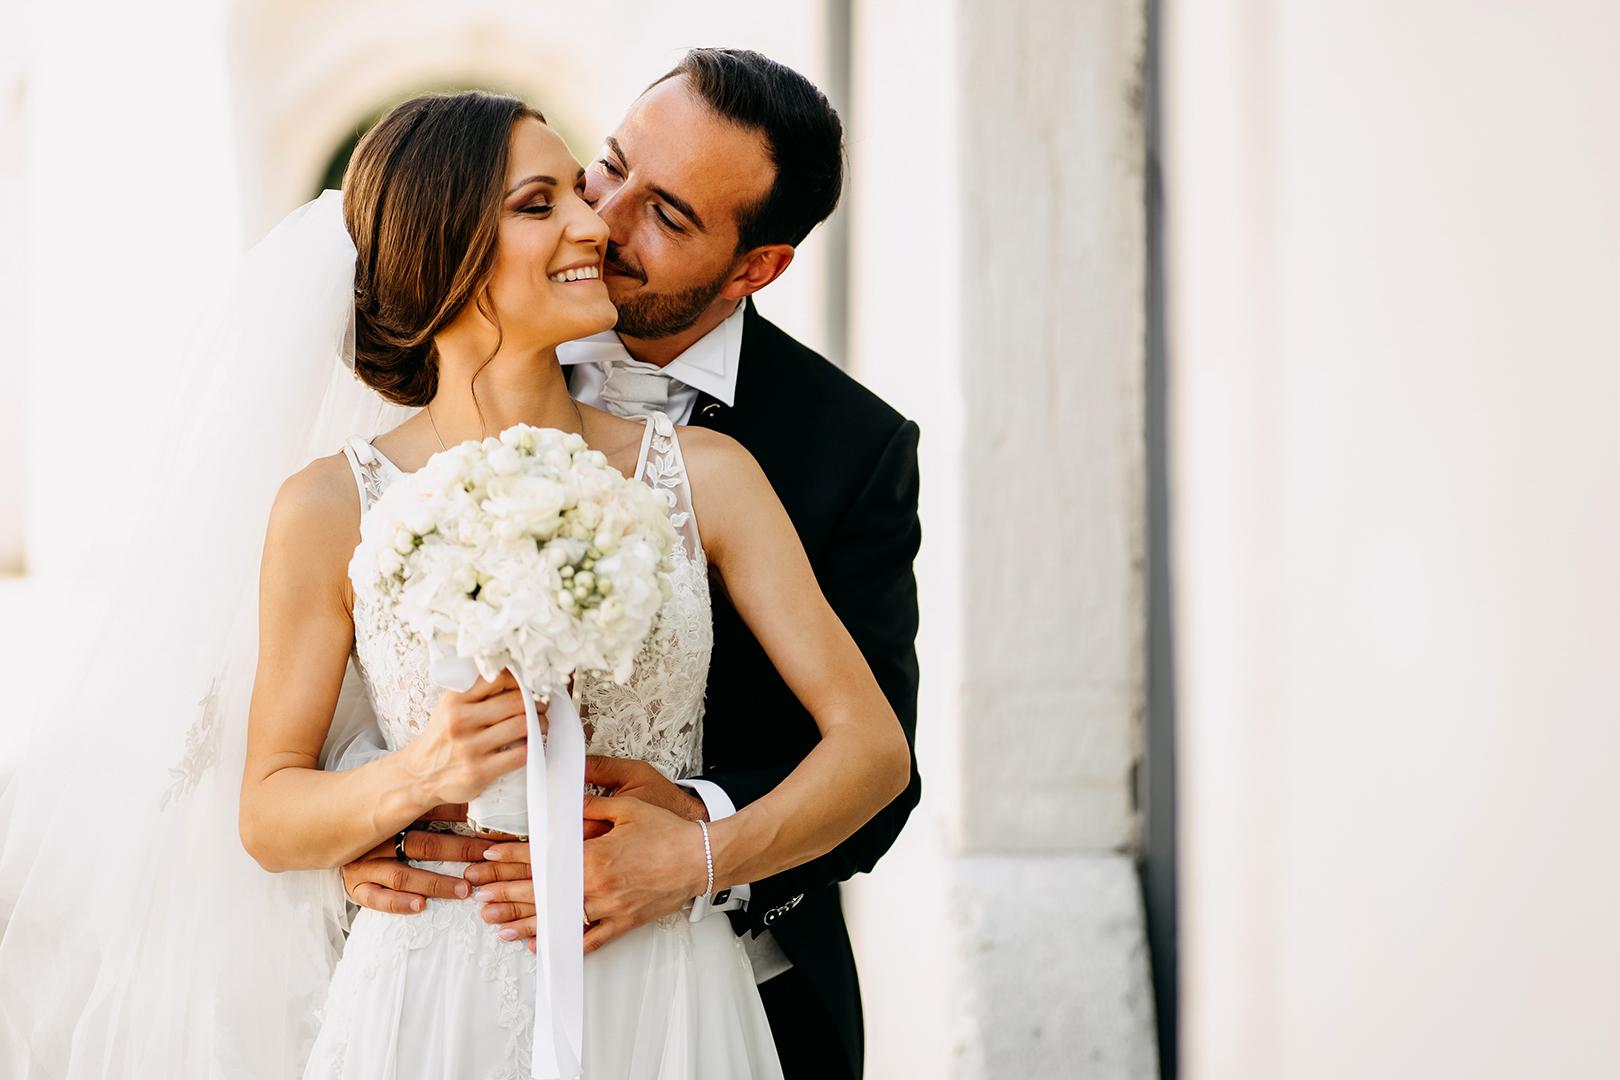 32 gianni-lepore-matrimonio-fotografo-stornarella